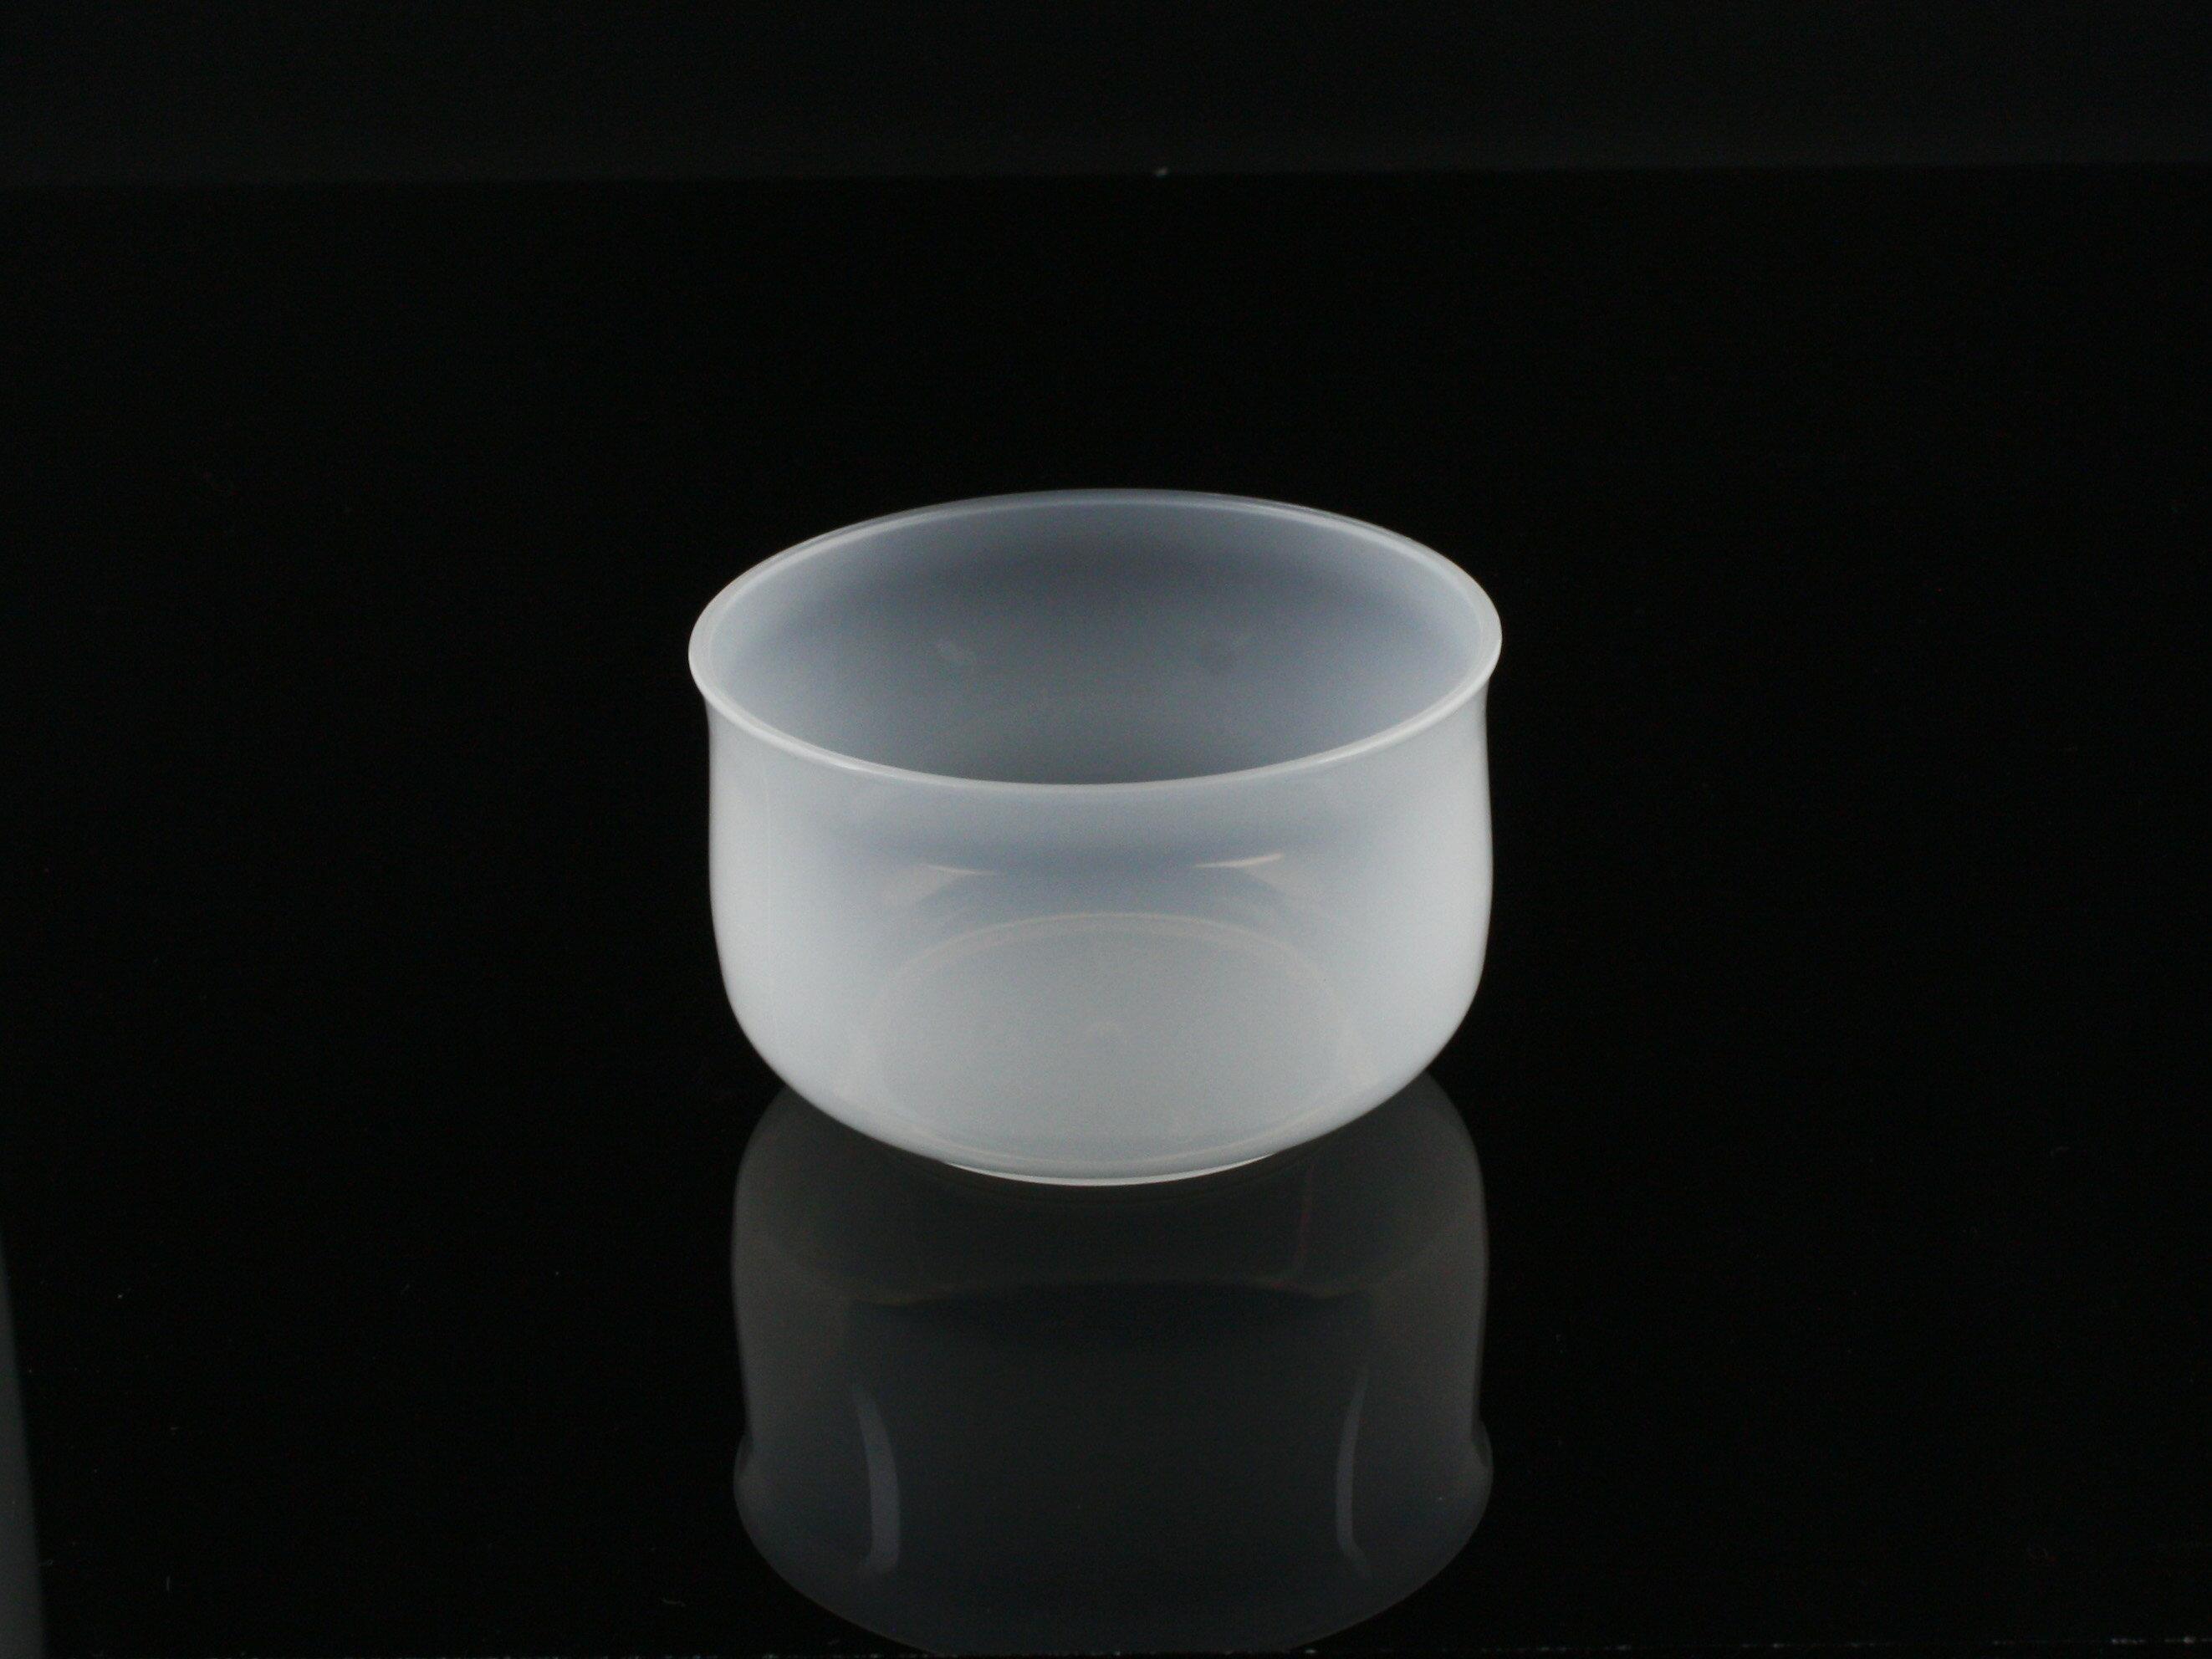 布丁燒、布丁杯、胖胖杯 BS38 半透明(含透明蓋)20pcs